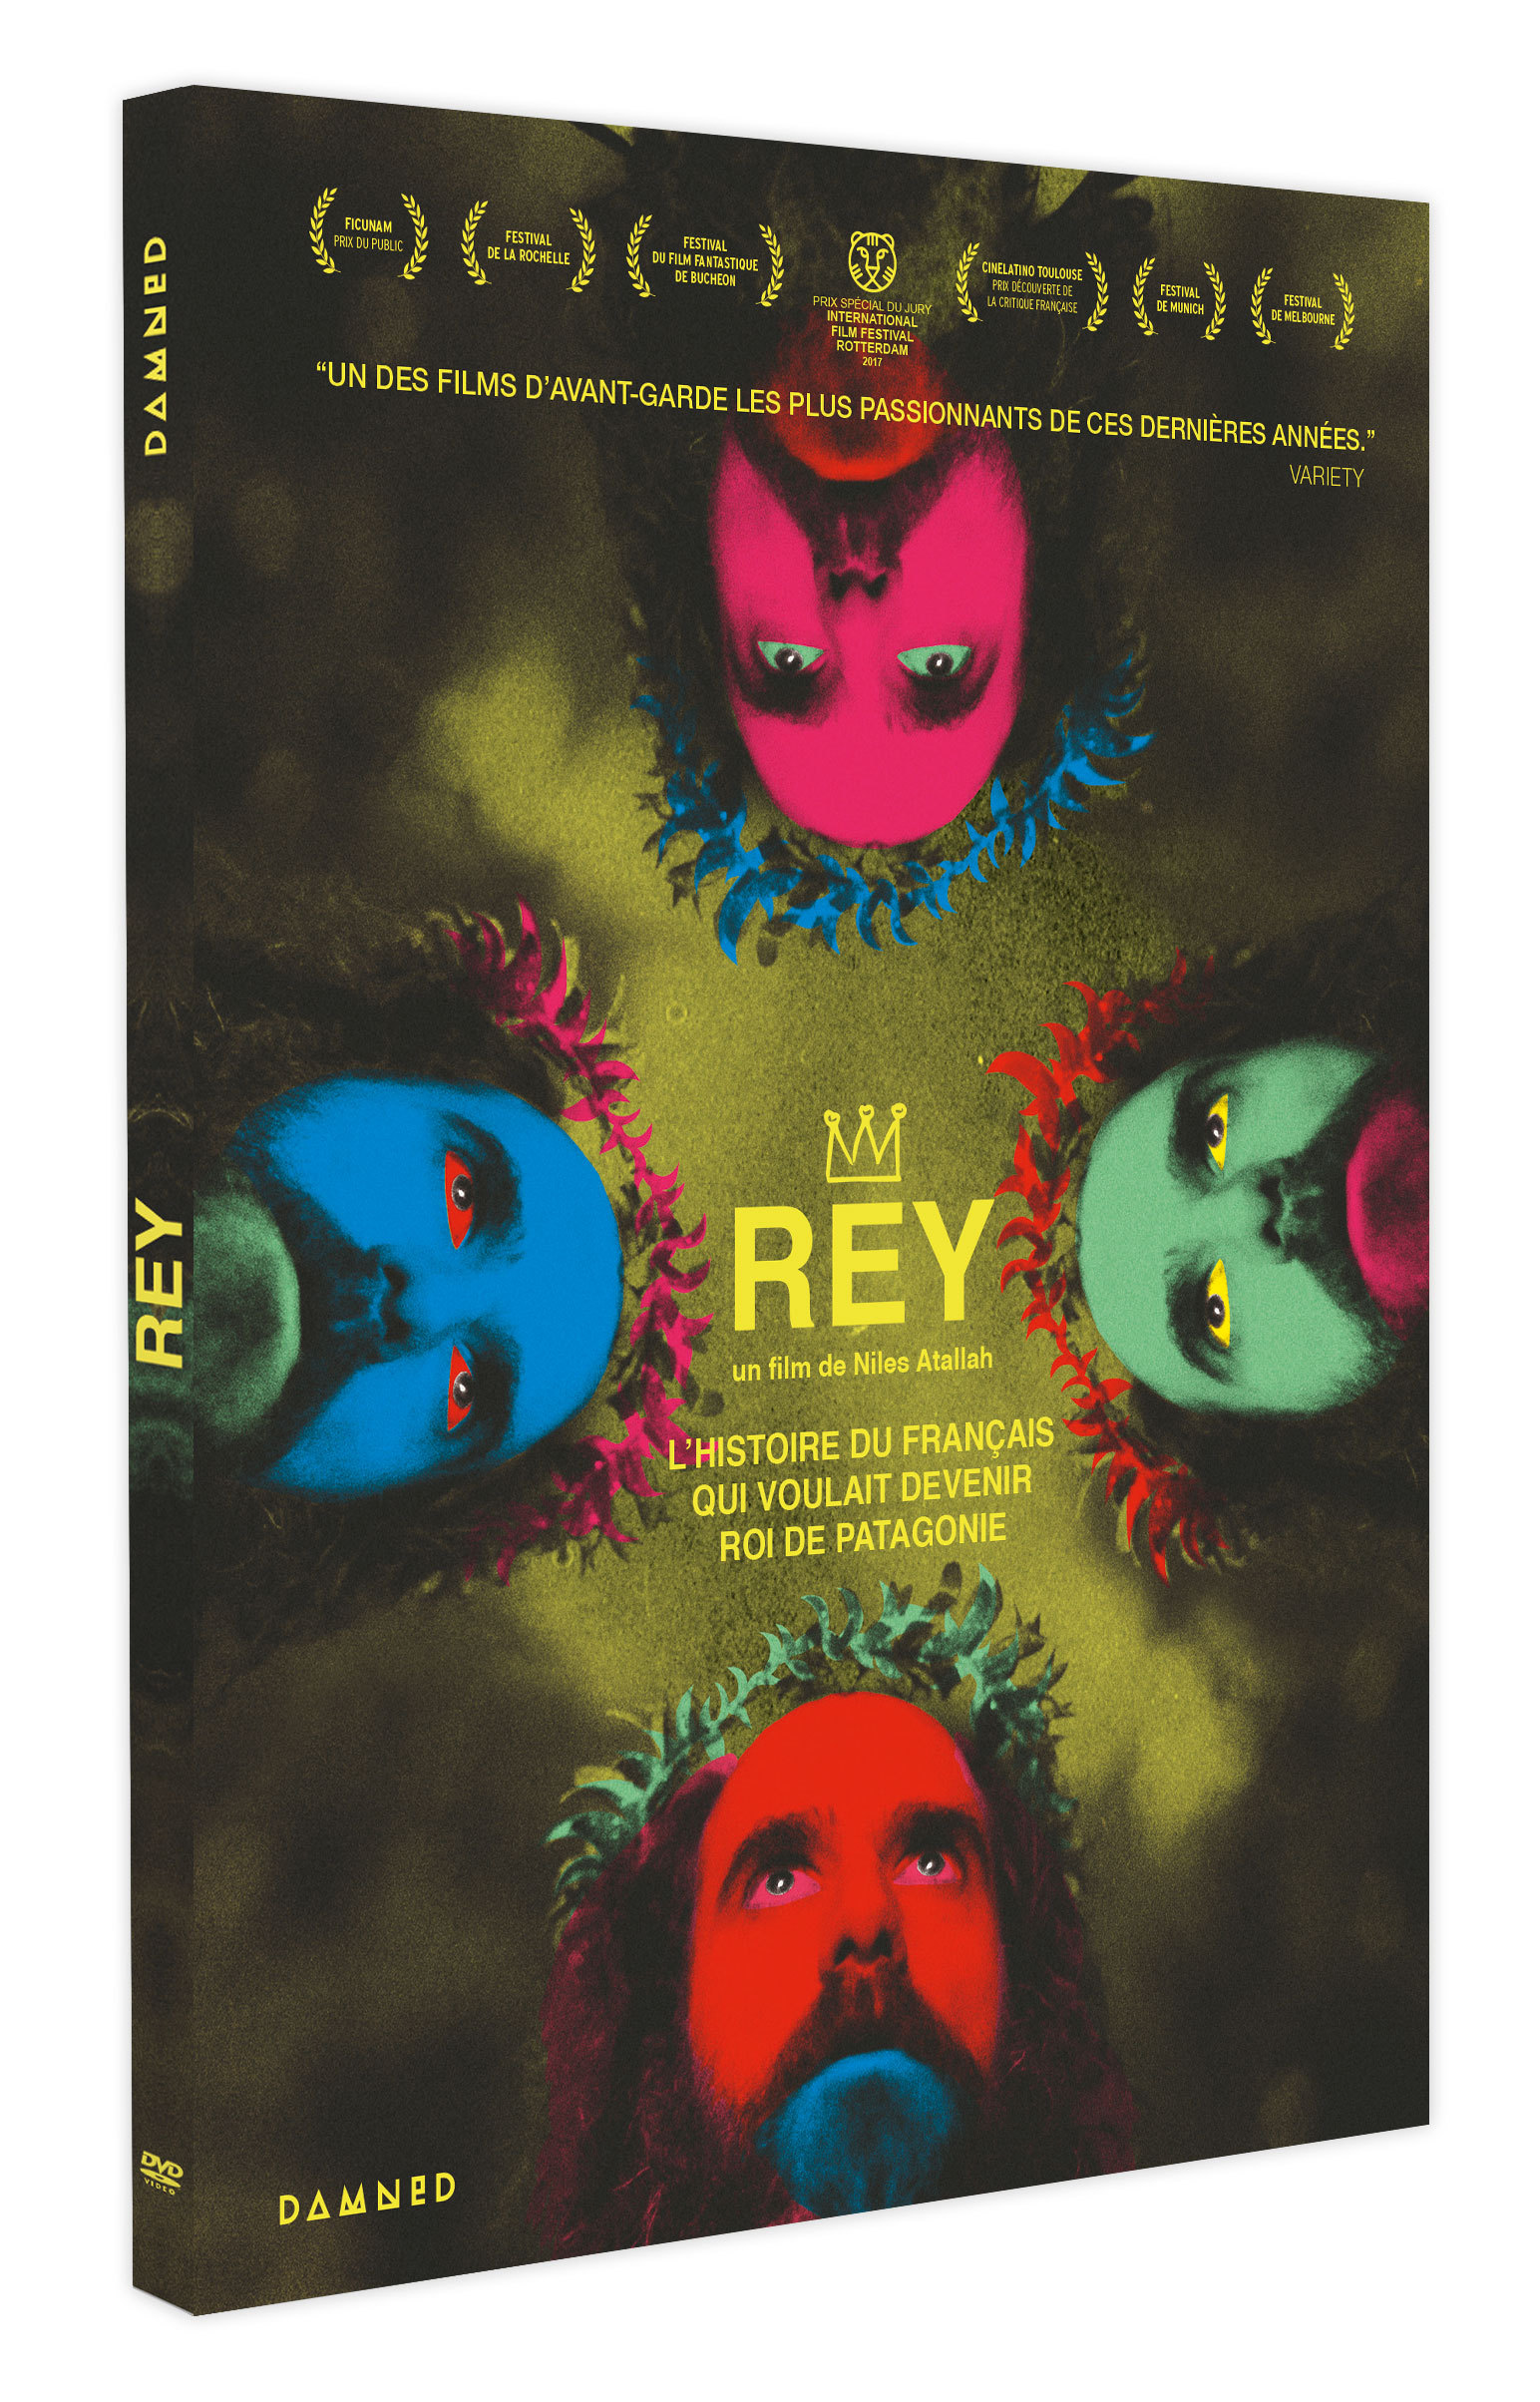 REY L'HISTOIRE DU FRANCAIS QUI VOULAIT DEVENIR ROI DE PATAGONIE - DVD